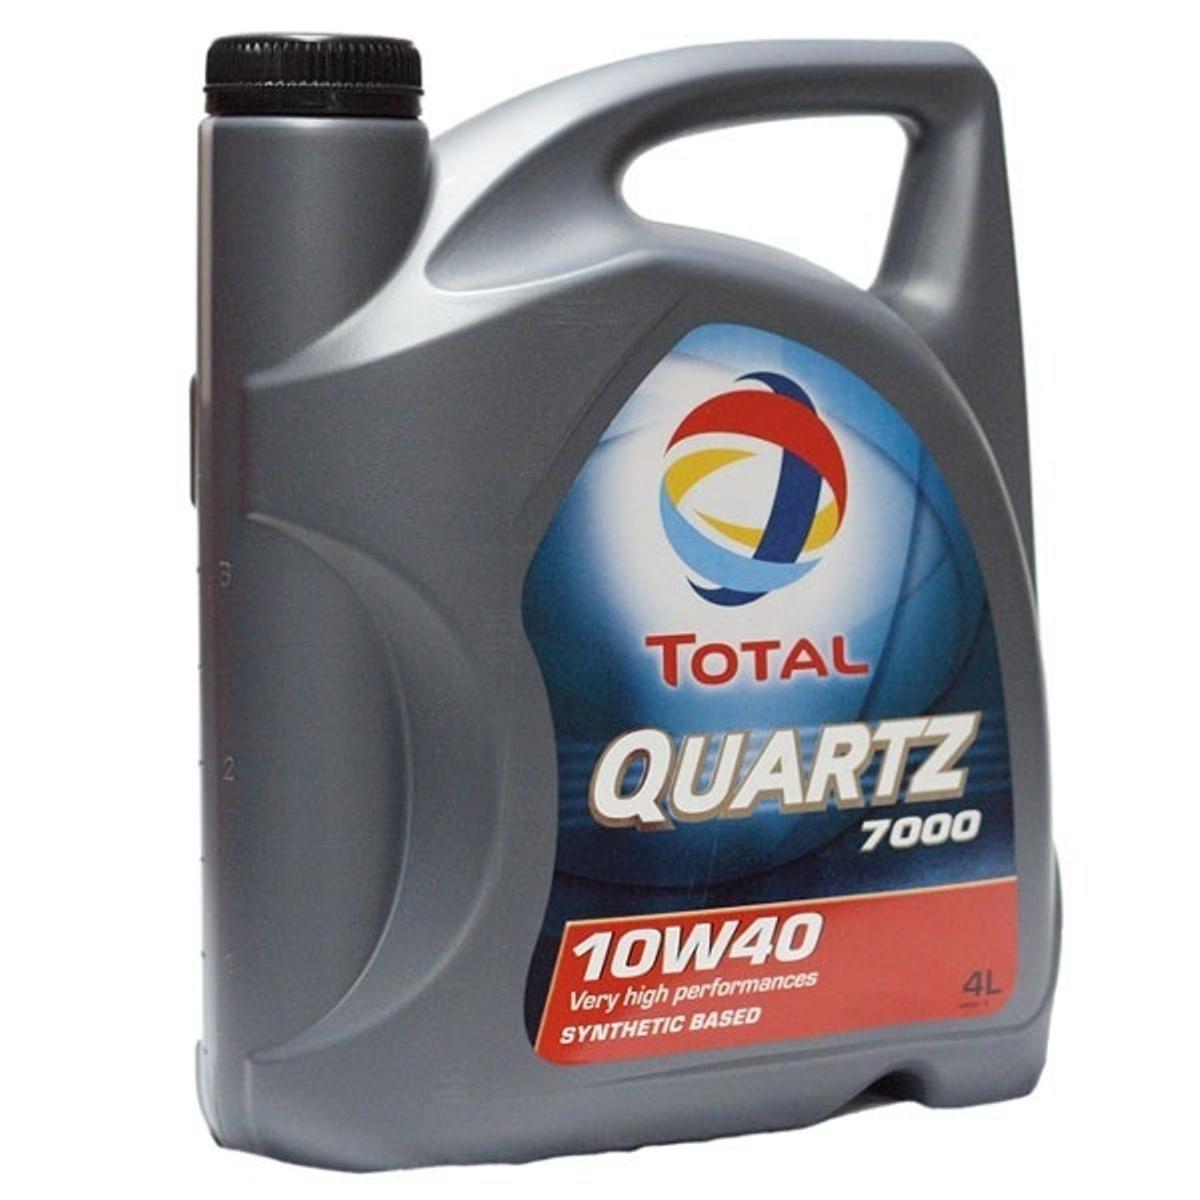 Моторное масло Total Quartz 7000 10W-40, 4 л10503Моторное масло Total Quartz 7000 10w-40 разработано для соответствия требованиям спецификаций бензиновых и дизельных двигателей (легковые и небольшие грузовые автомобили). Рекомендовано для применения в двигателях с турбонаддувом, включая многоклапанные. Масло обеспечивает высокие эксплуатационные свойства в условиях высоких нагрузок при вождении по автостраде и в городе, в любое время года. Total Quartz 7000 10w-40 прекрасно подходит для автомобилей, оснащенных катализаторами и использующих этилированный бензин или сжиженный газ. Использование Total Quartz 7000 10w-40 обеспечивает значительную экономию топлива, подтверждено тестом API SH EC I. Благодаря основе, состоящей из синтетических и высокоочищенных минеральных компонентов, Total Quartz 7000 10w-40 обладает высоким индексом вязкости и превосходной вязкостной стабильностью в эксплуатации. Масло изготовлено по технологии, обеспечивающей сочетание свойств легкотекучести (легкий холодный старт) и вязкости (превосходное смазывание при высоких температурах, низкий расход масла). Сохраняет в чистоте двигатель, благодаря выкотехнологичным моющим и диспергирующим присадкам, что не допускает потери мощности. Использование противоизносных присадок обеспечивает надежную защиту наиболее чувствительных частей двигателя. Спецификации/допуски: API SJ/SH/CF, PSA PEUGEOT CITROEN GASOLINE, API Energy Conserving | VOLKSWAGEN 500.00/505.00 (11/92), ACEA A3-96/B3-96 BMW, MB 229.1